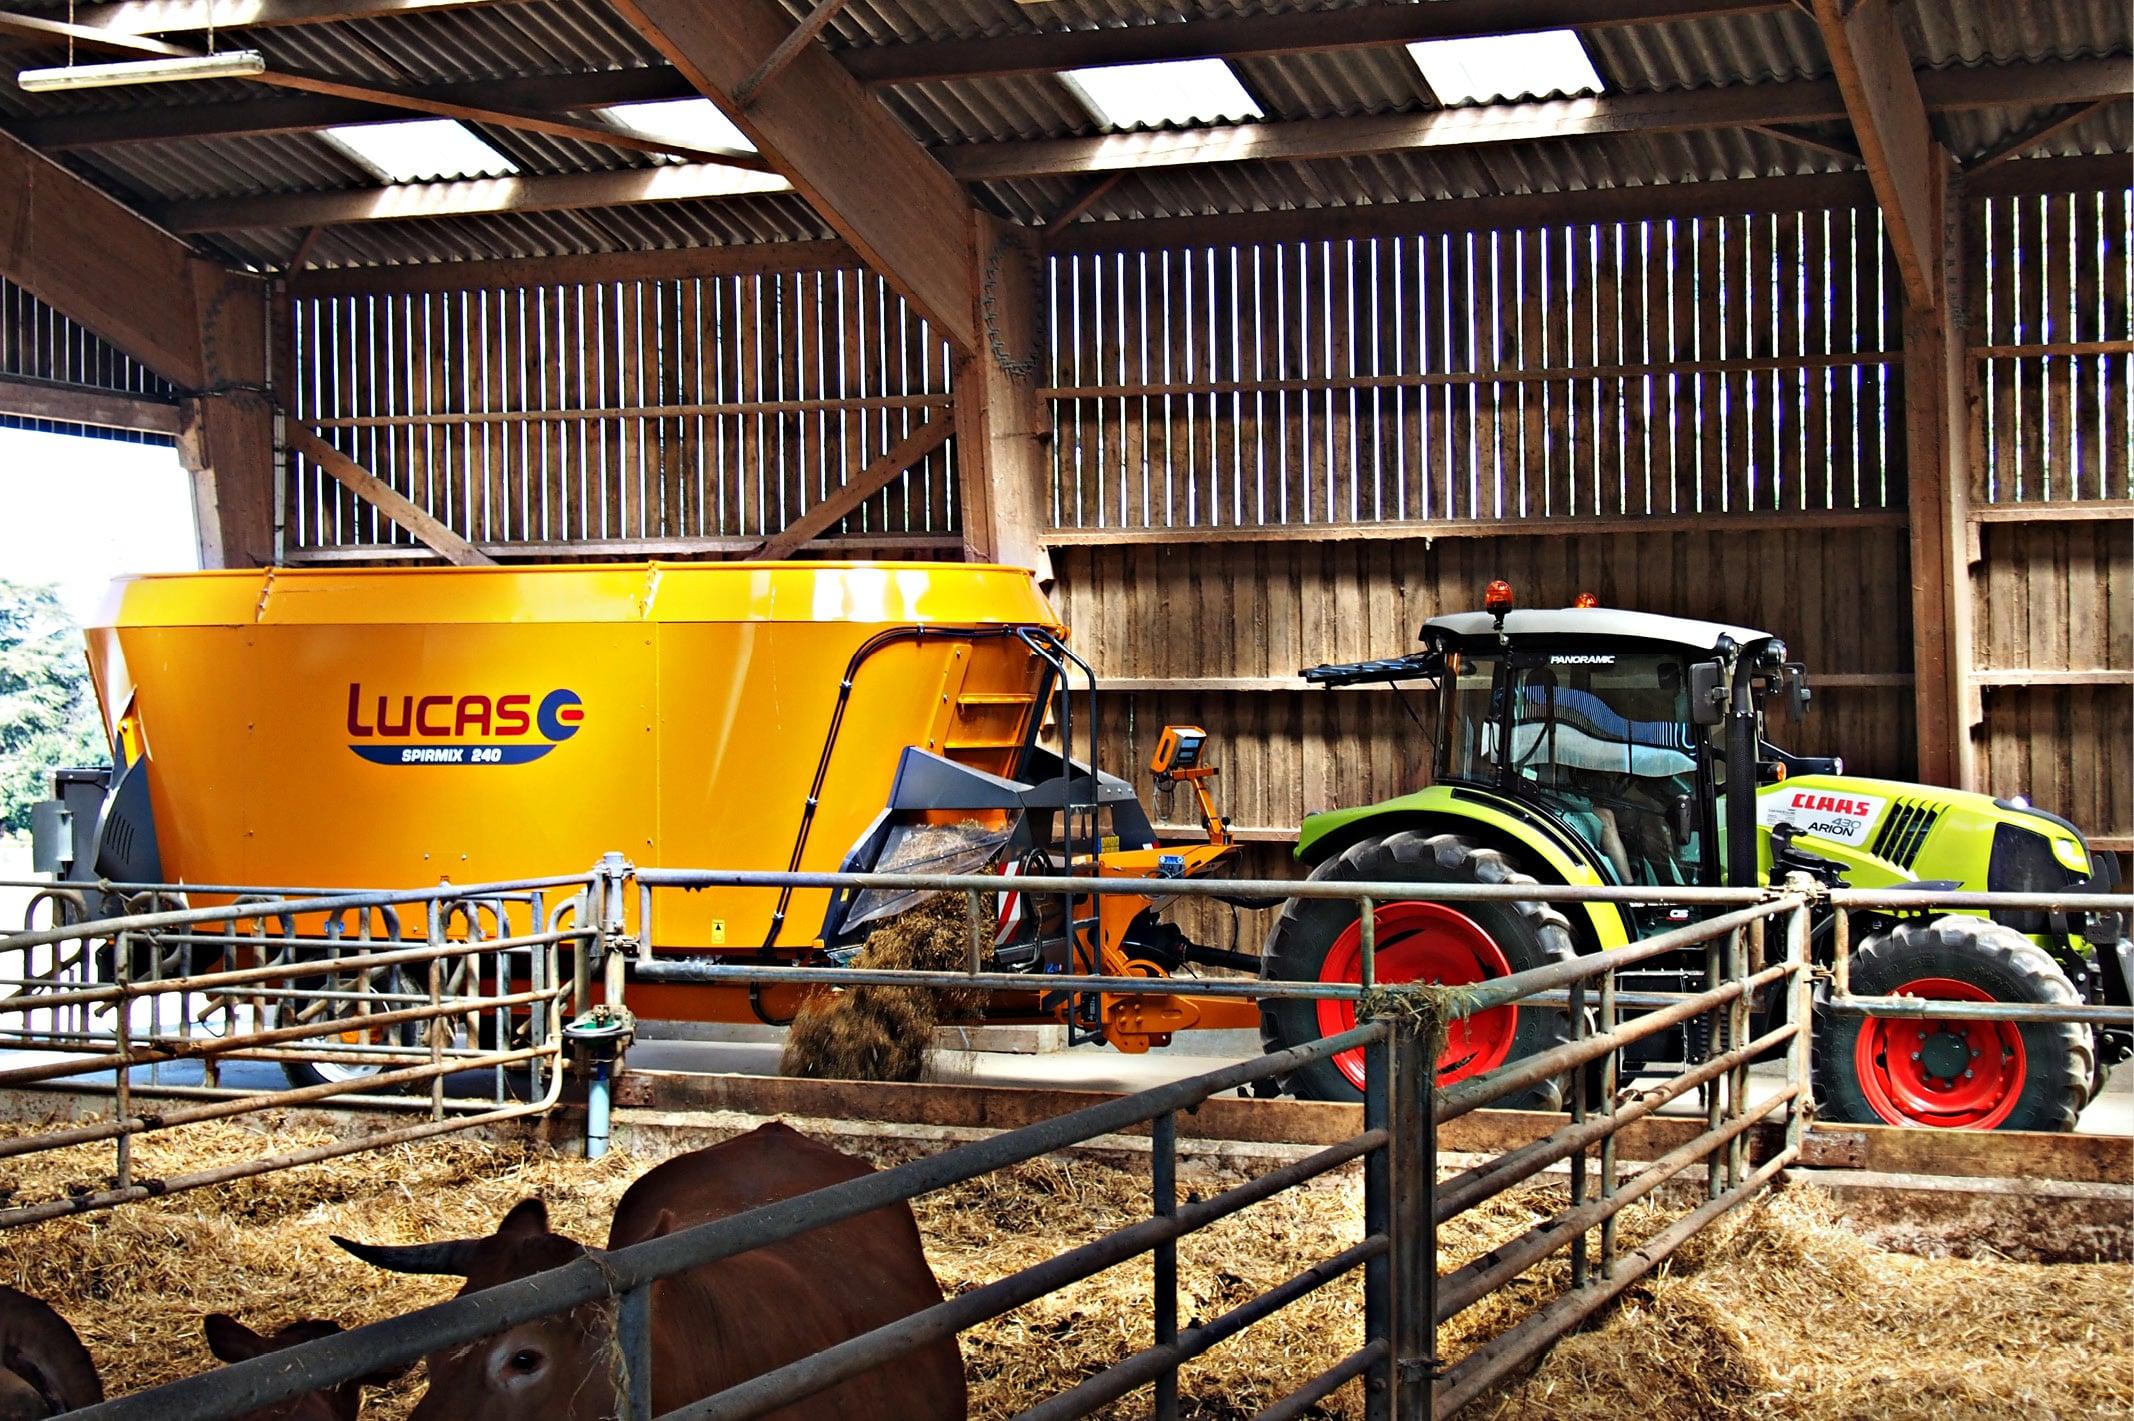 Lucas G est le spécialiste français du matériel de conduite agricole. L'entreprise se rend régulièrement sur des salons et foires agricoles où elle a la nécessité d'être visible.